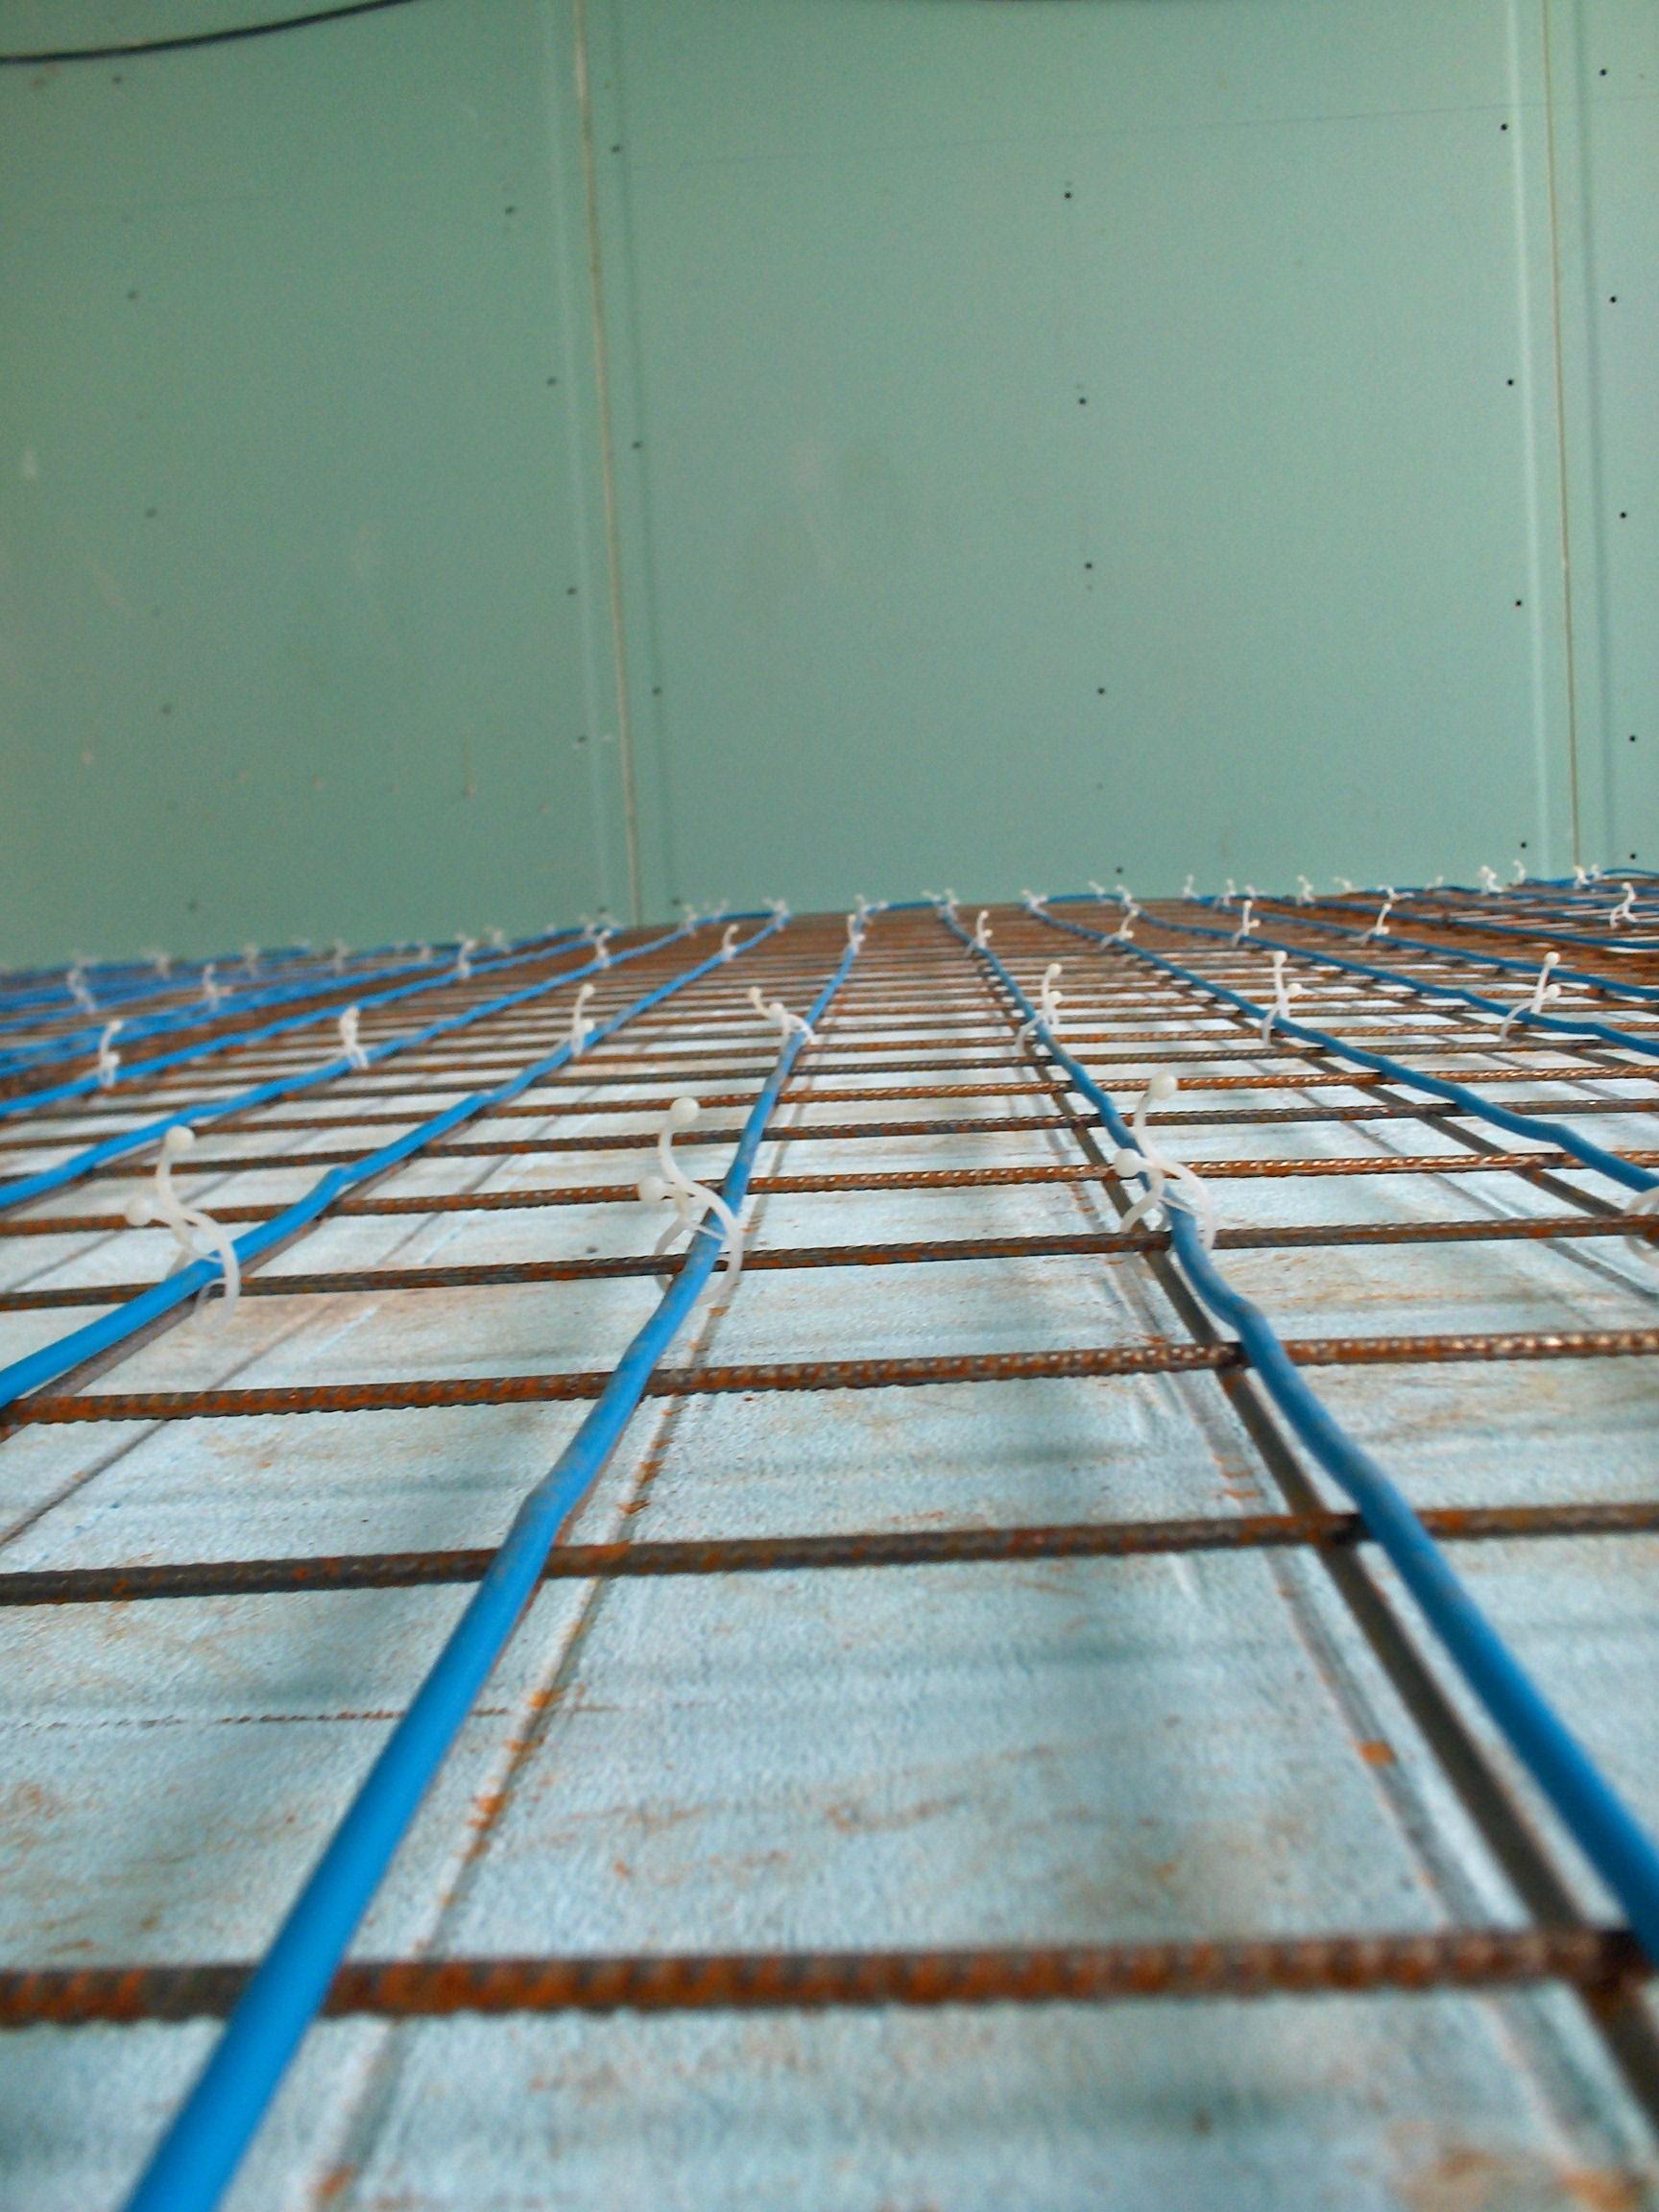 Sistem de incalzire electrica prin pardoseala RAYCHEM - Poza 126